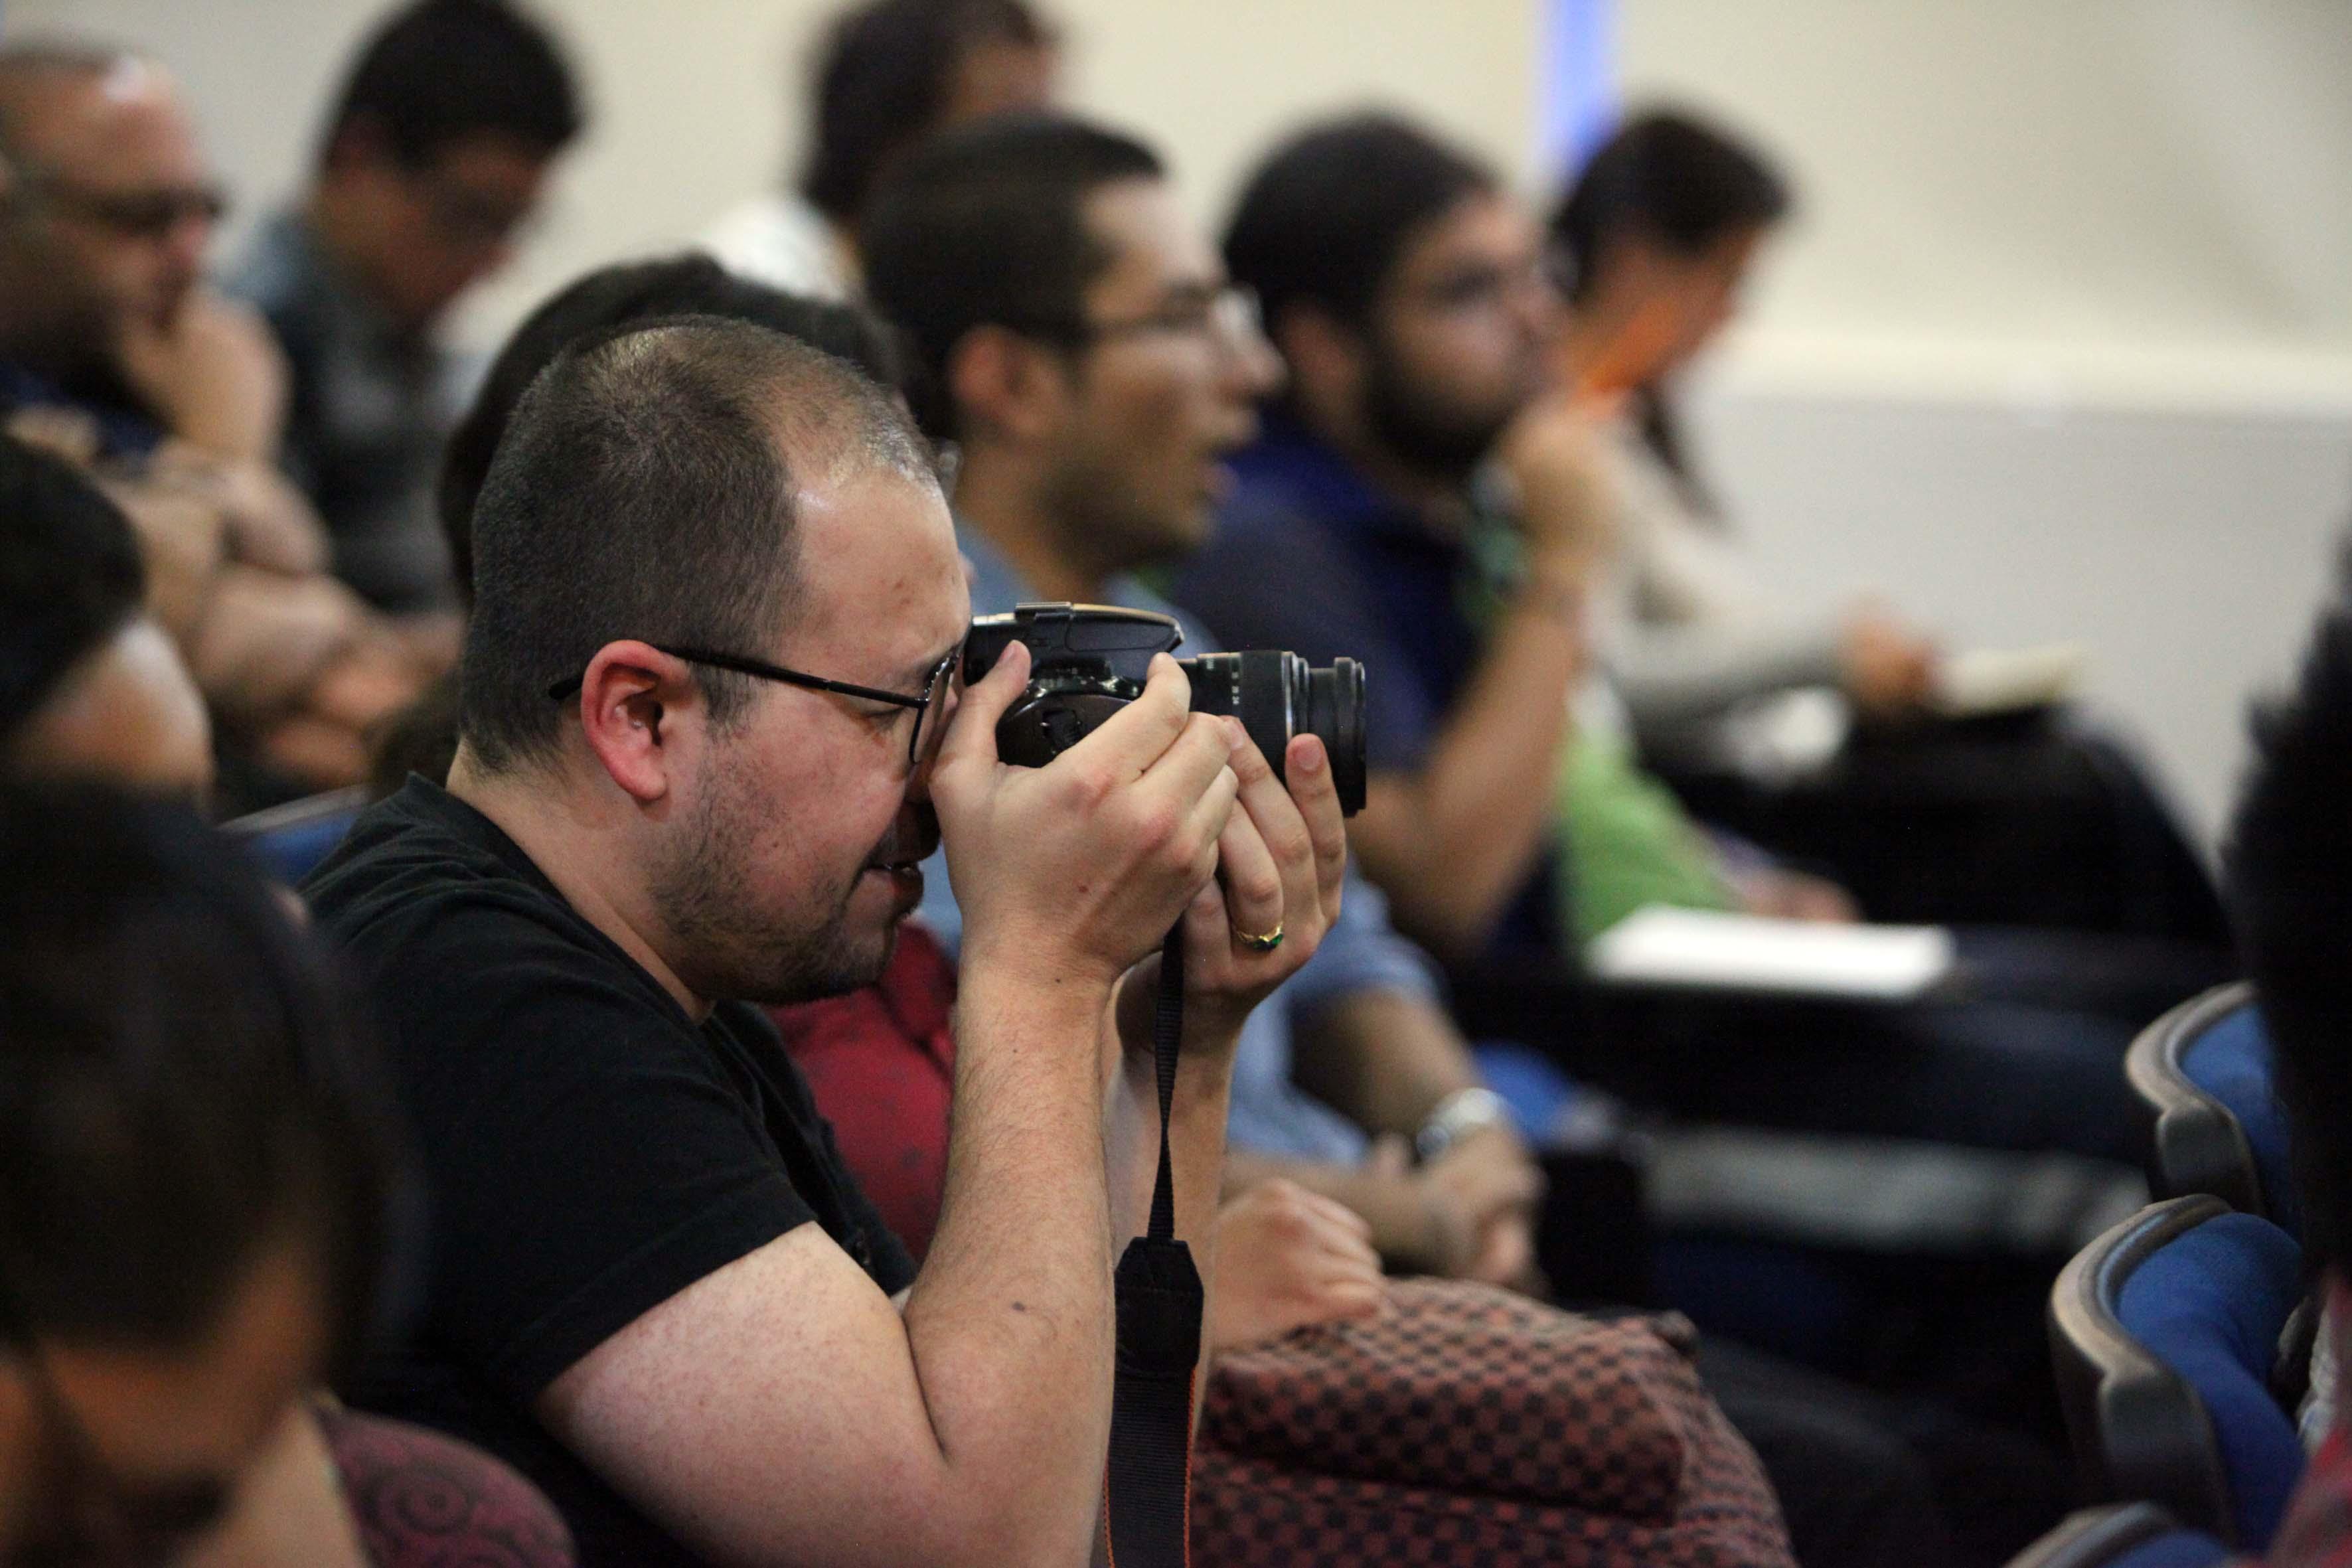 Fotografo presente en la conferencia